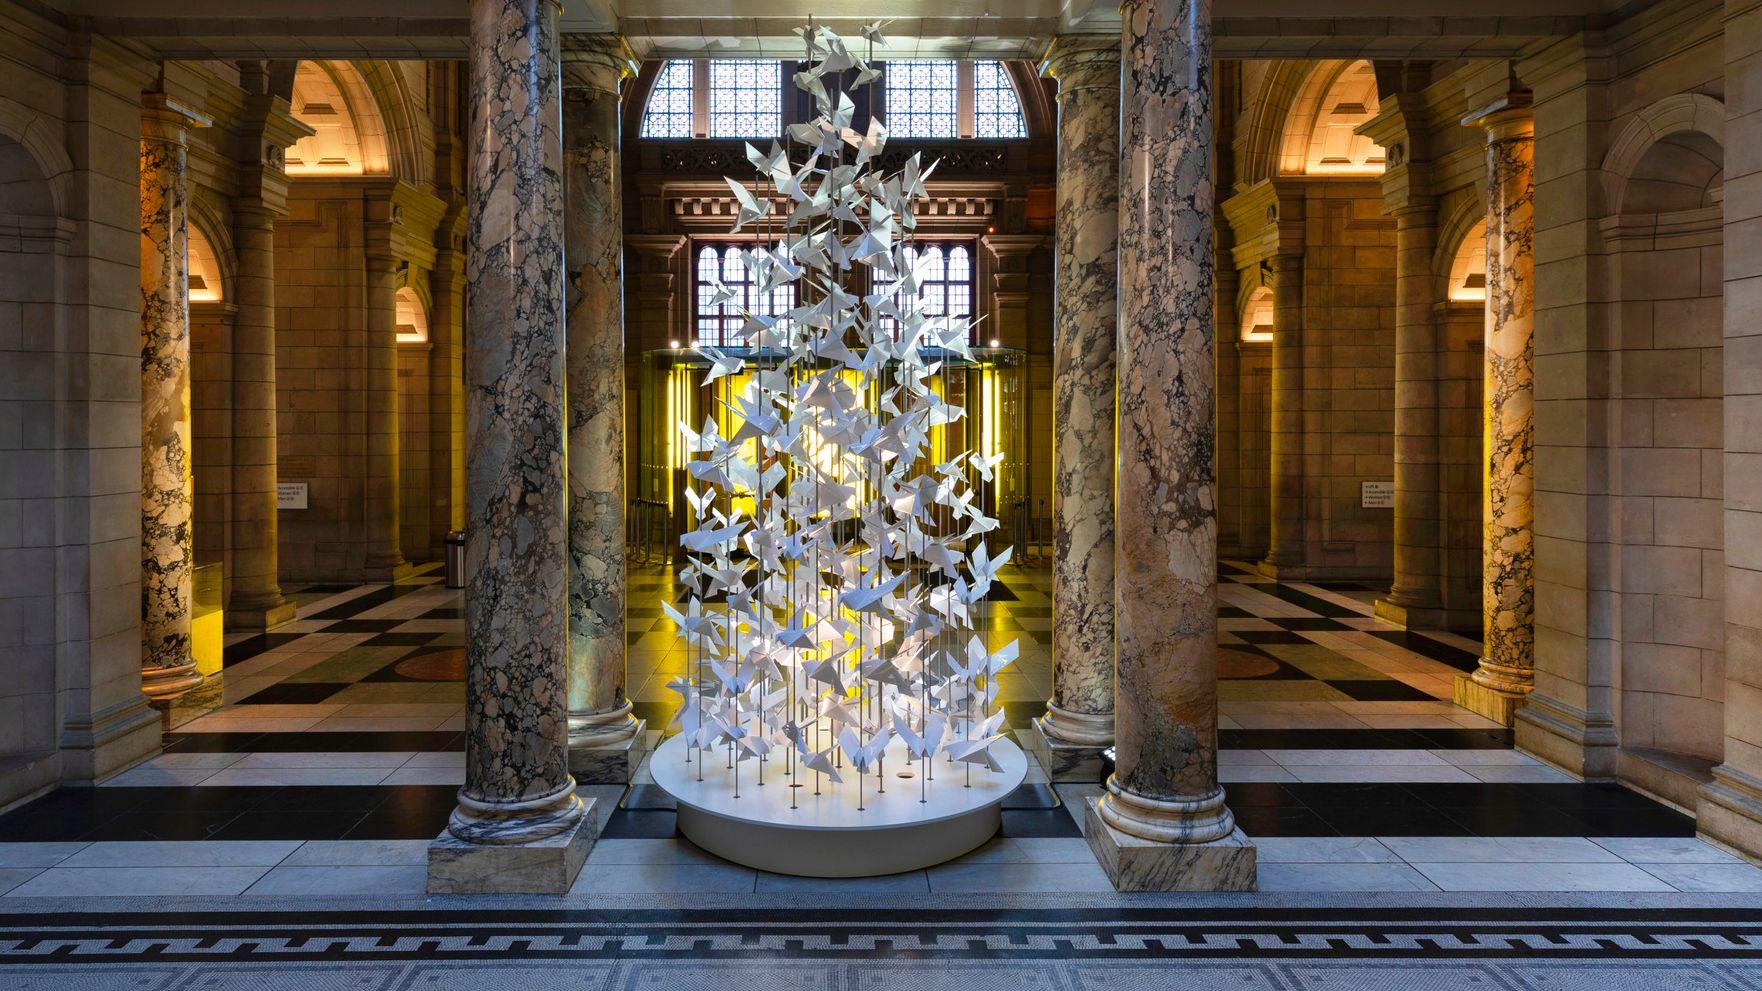 """Das Weihnachtsbaum Modell """"Freedom"""" von Anna Hünnerkopf besteht aus Papier-Friedenstauben und steht zwischen Marmorsäulen in der Eingangshalle des Museums"""